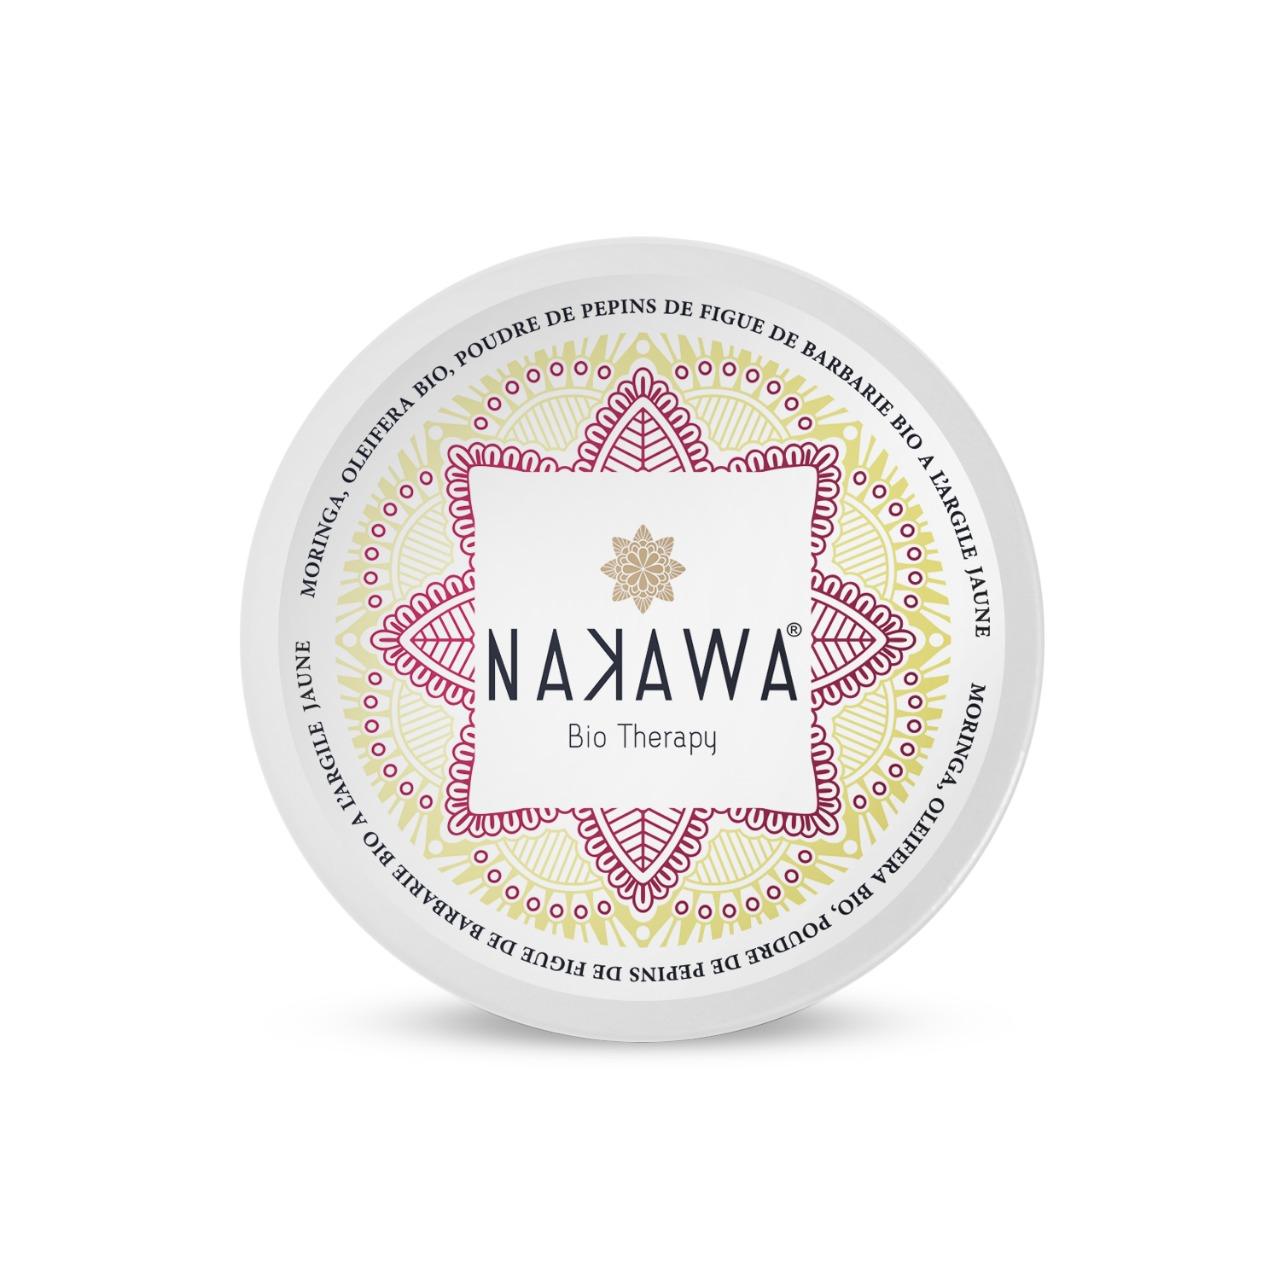 Masque Jaune pour Visage à l'Huile de Pépins de la Figue de Barbarie - Top - Nakawa Bio